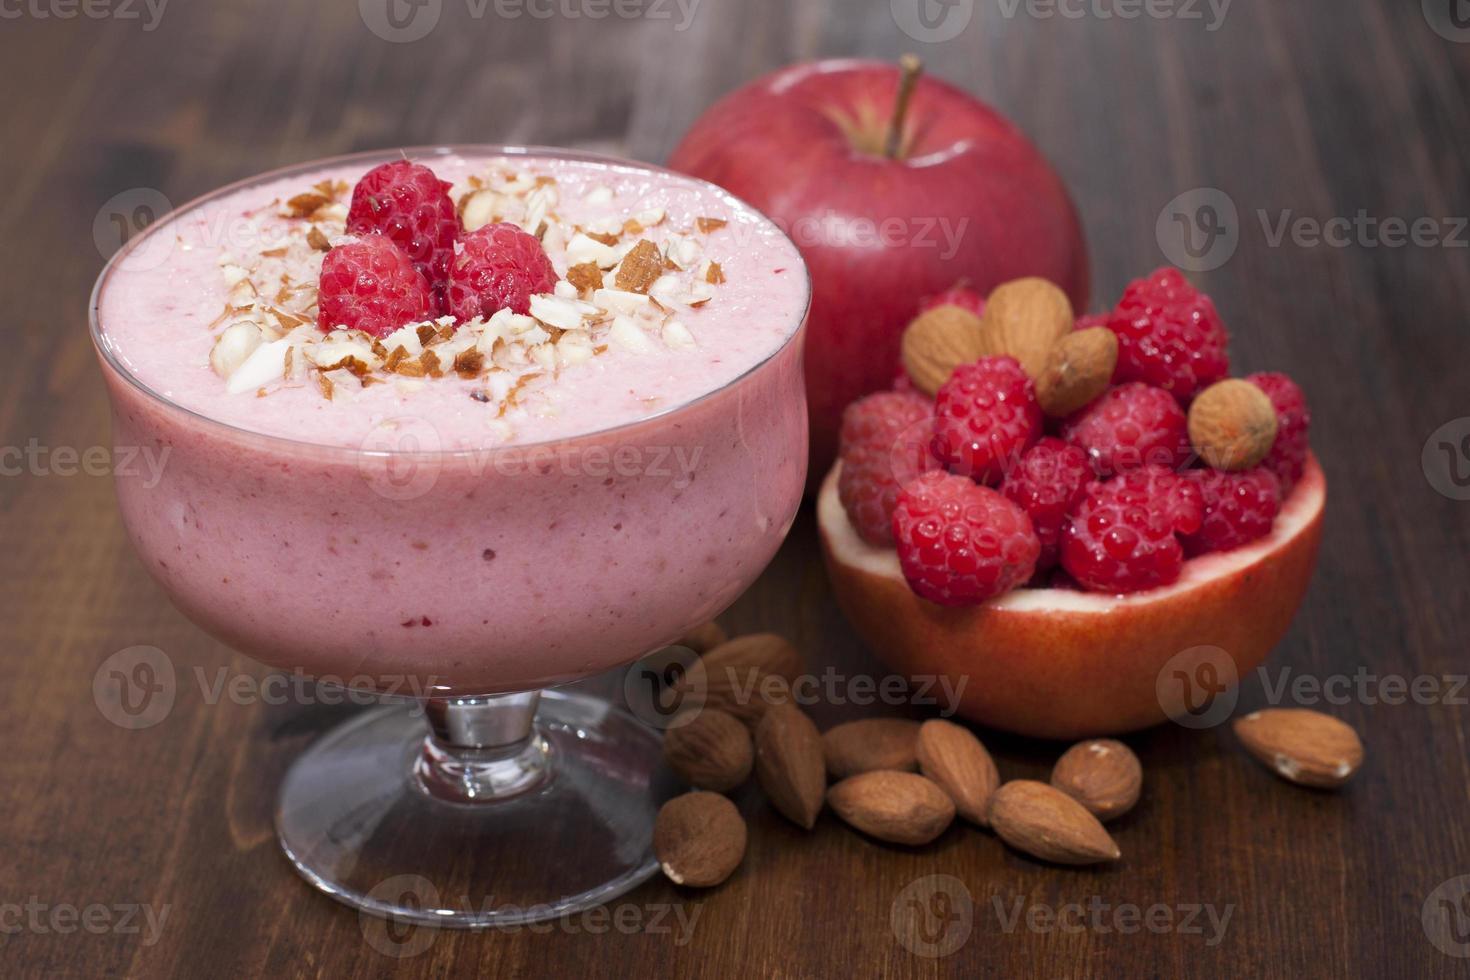 cocktail de framboises surgelées, pomme aux noix et yaourt. photo